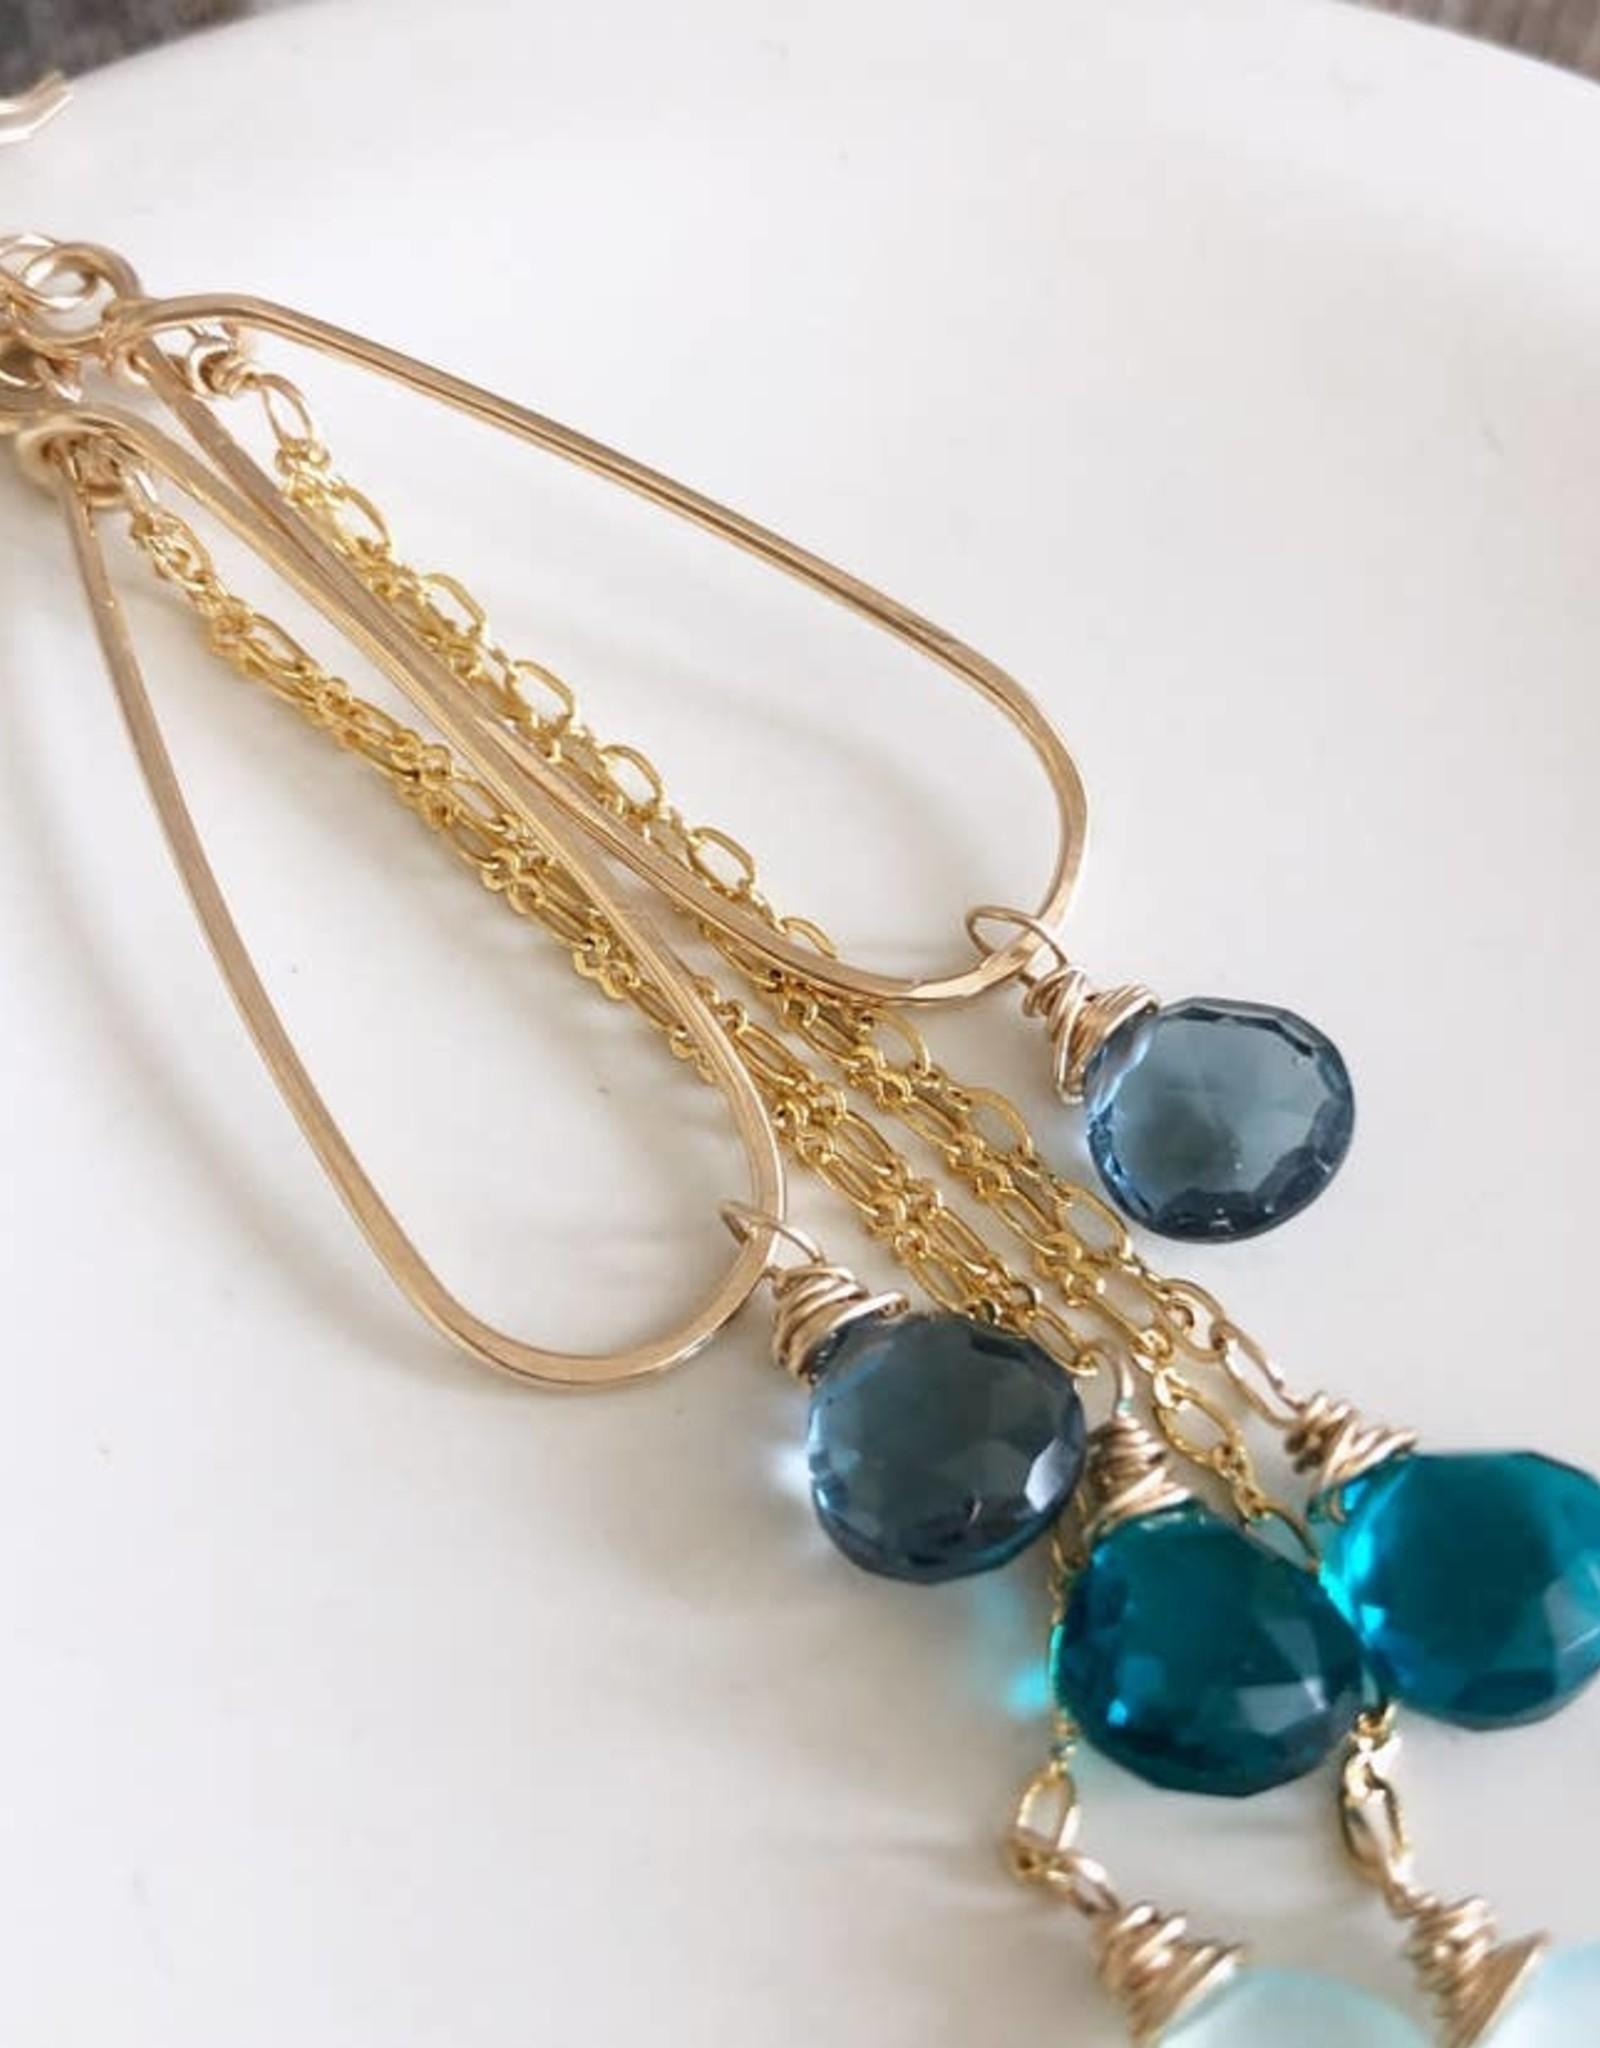 Quinn Sharp Jewelry Designs Ocean Blue Ombre Gemstone Teardrop Earrings